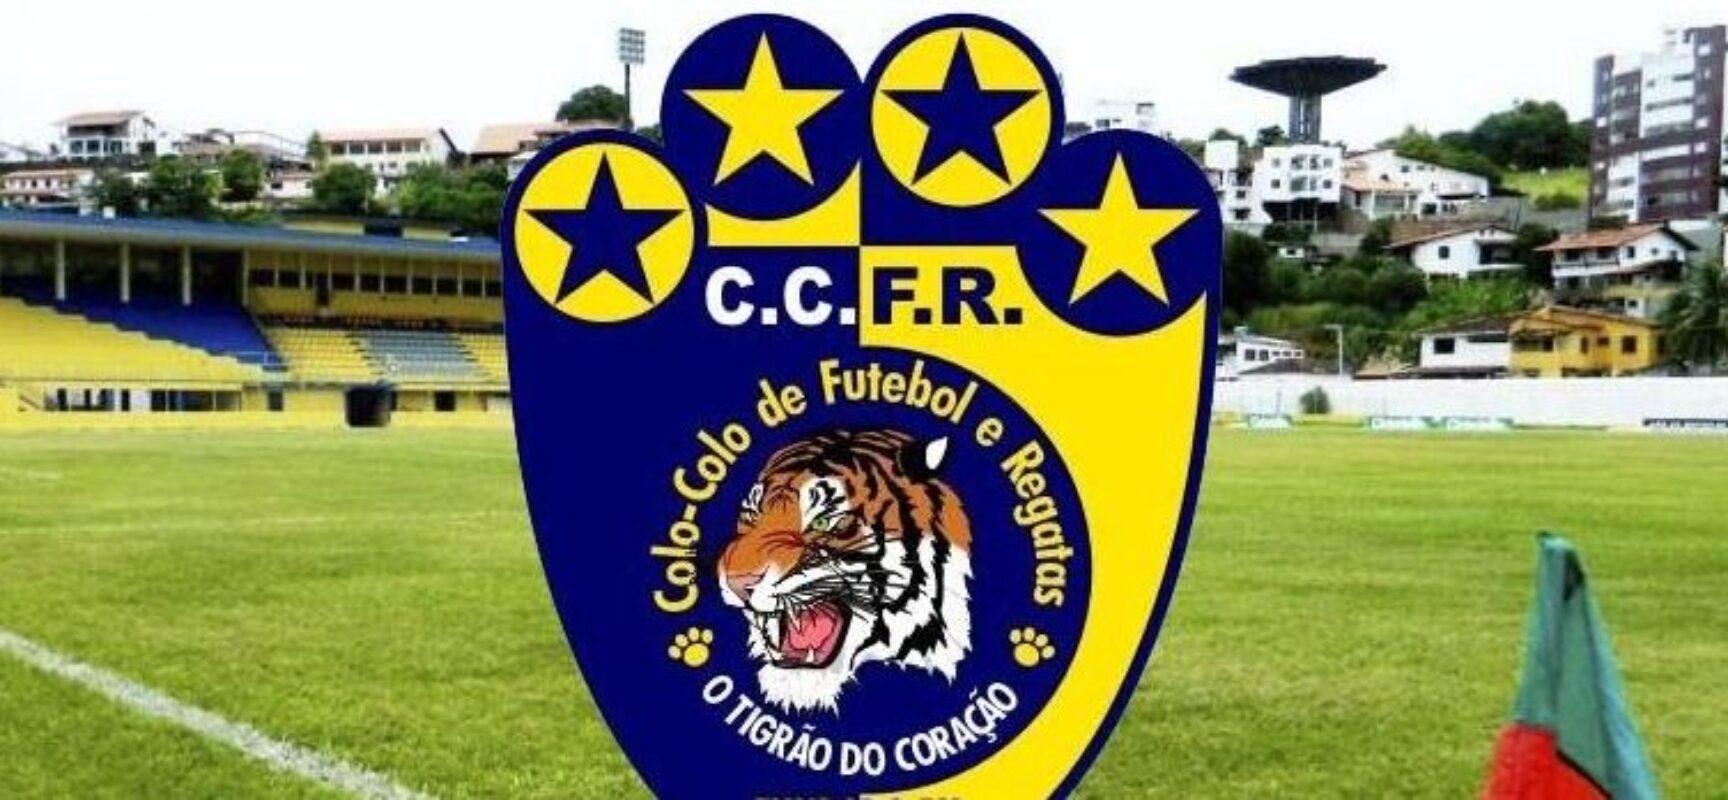 COLO COLO: EDITAL DE CONVOCAÇÃO PARA ASSEMBLEIA GERAL ACONTECE DIA 28